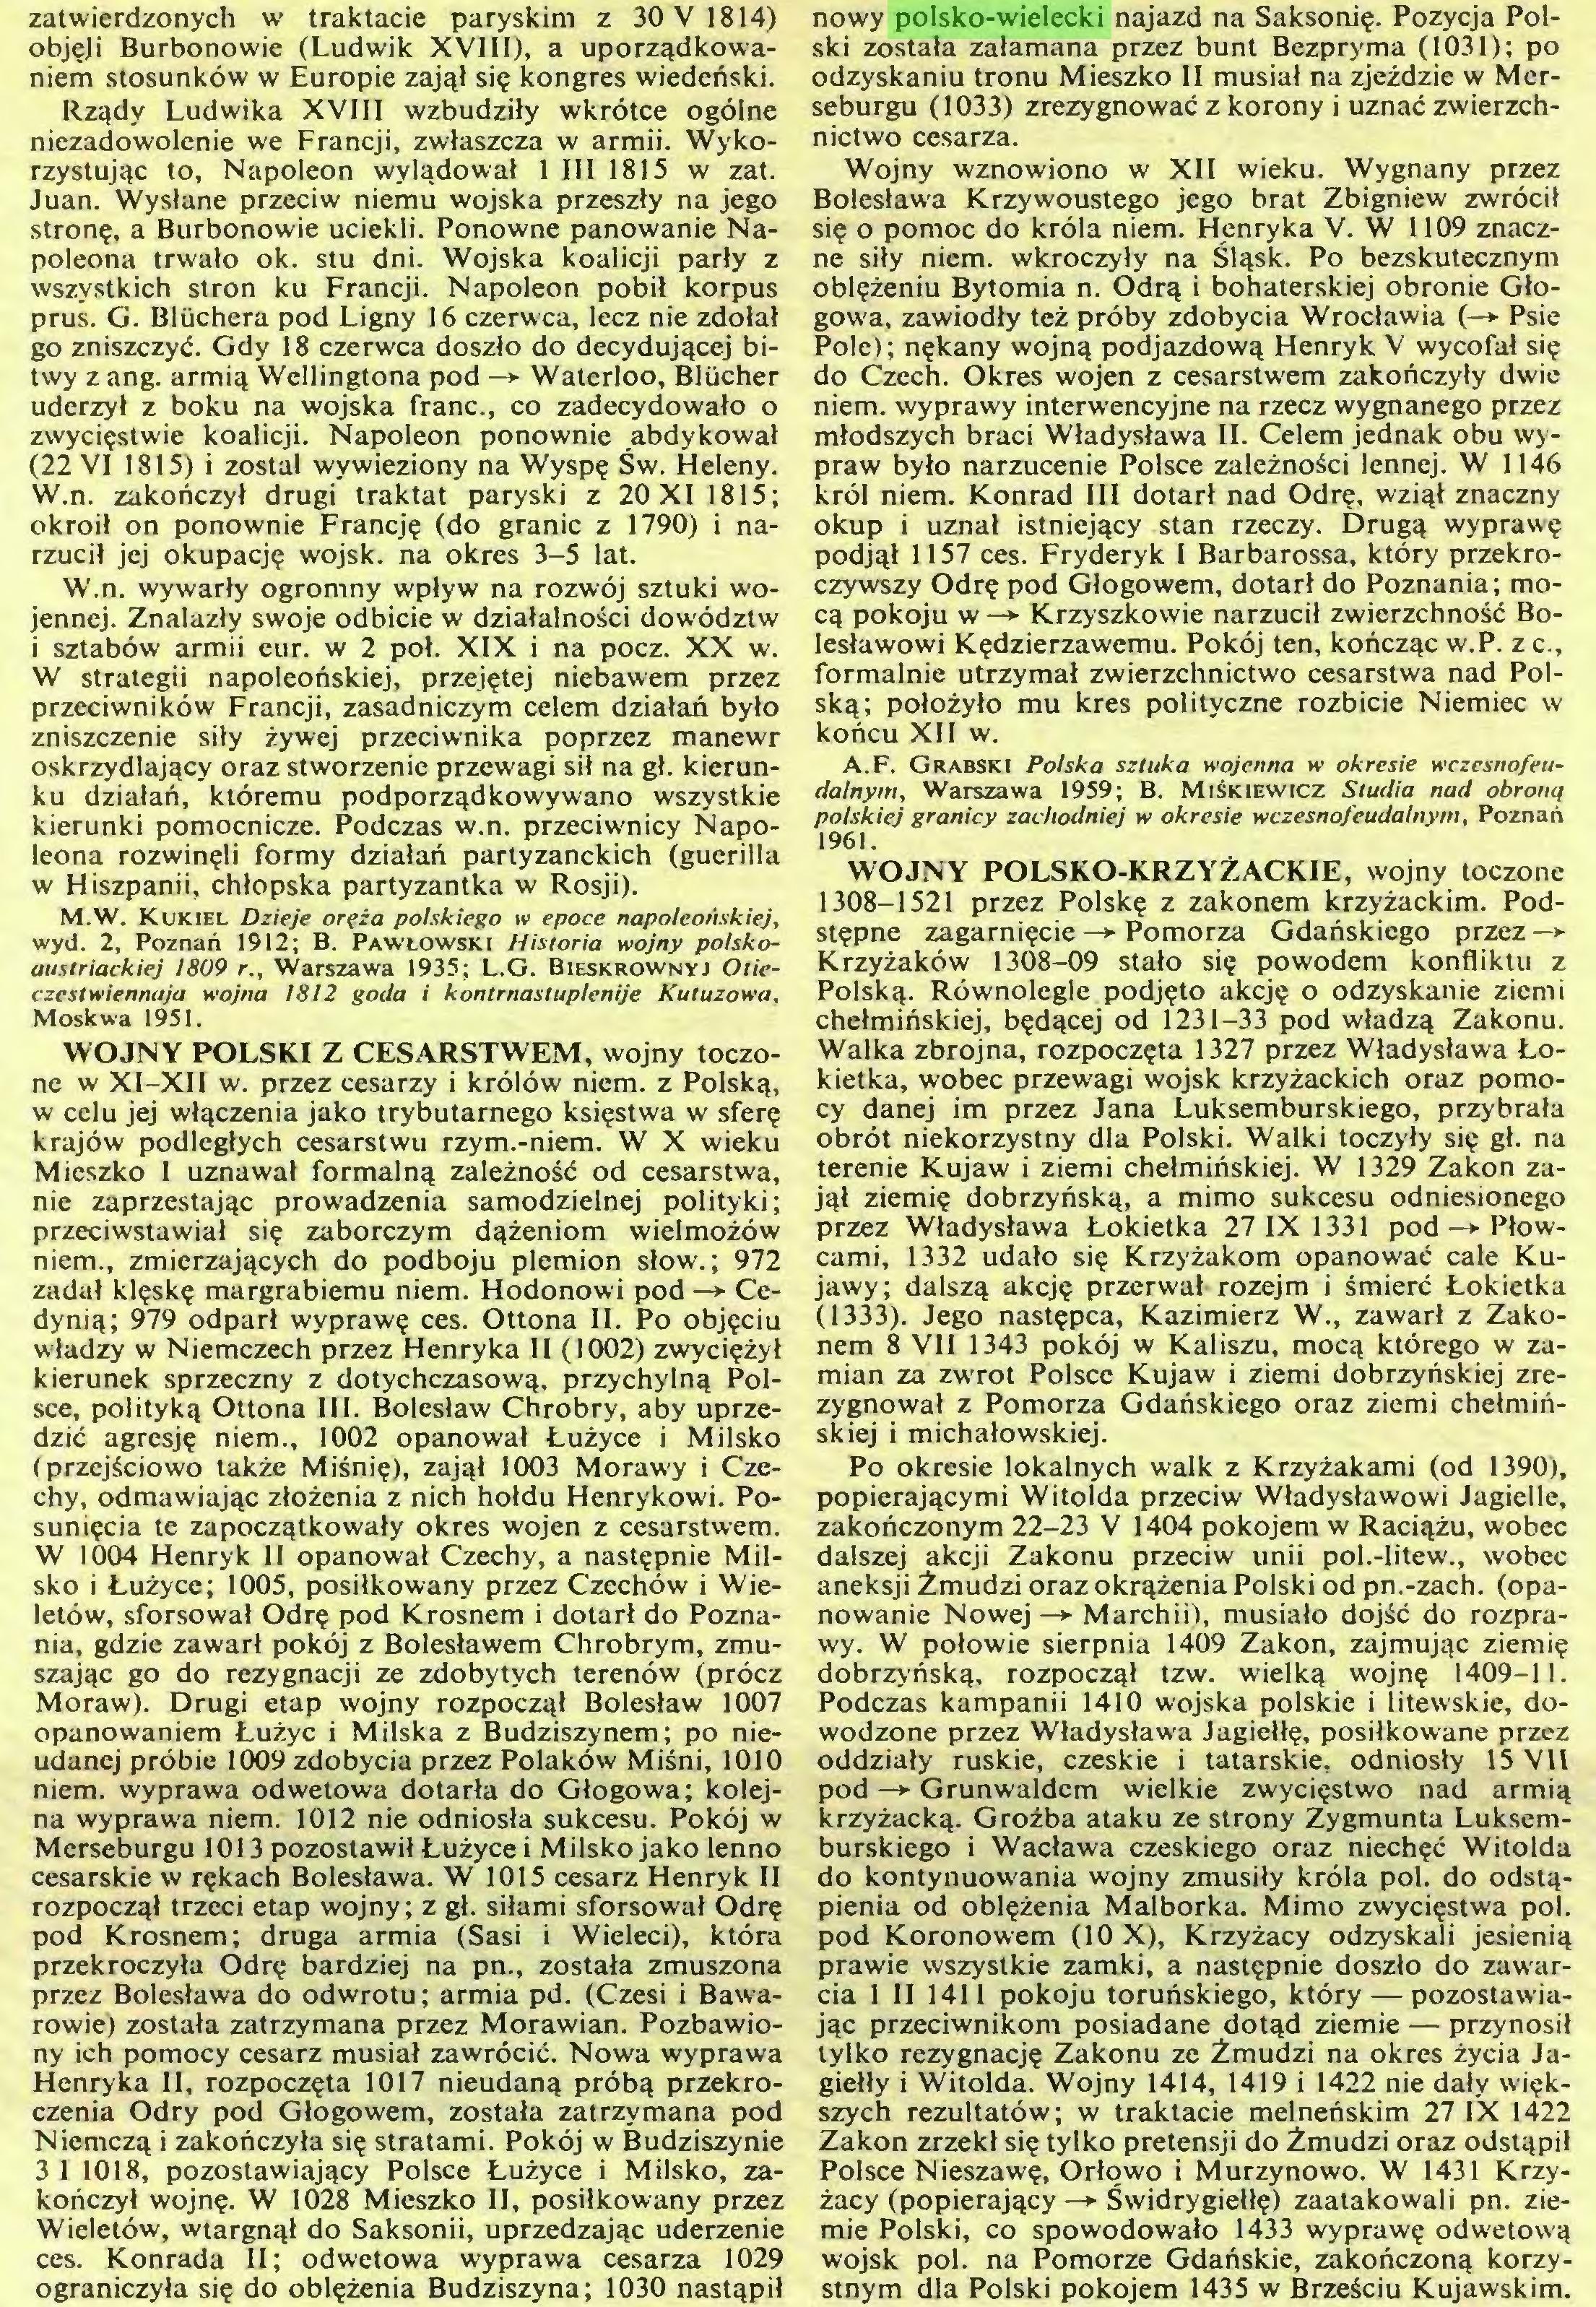 (...) konczyt wojn?. W 1028 Mieszko II, posilkowany przez Wieletöw, wtargnql do Saksonii, uprzedzajqc uderzenie ces. Konrada II; odwetowa wyprawa cesarza 1029 ograniczyla si? do obl?zenia Budziszyna; 1030 nastqpil nowy polsko-wielecki najazd na Saksoni?. Pozycja Polski zostala zalamana przez bunt Bezpryma (1031); po odzyskaniu tronu Mieszko II musial na zjezdzie w Merseburgu (1033) zrezygnowac z korony i uznac zwierzchnictwo cesarza...